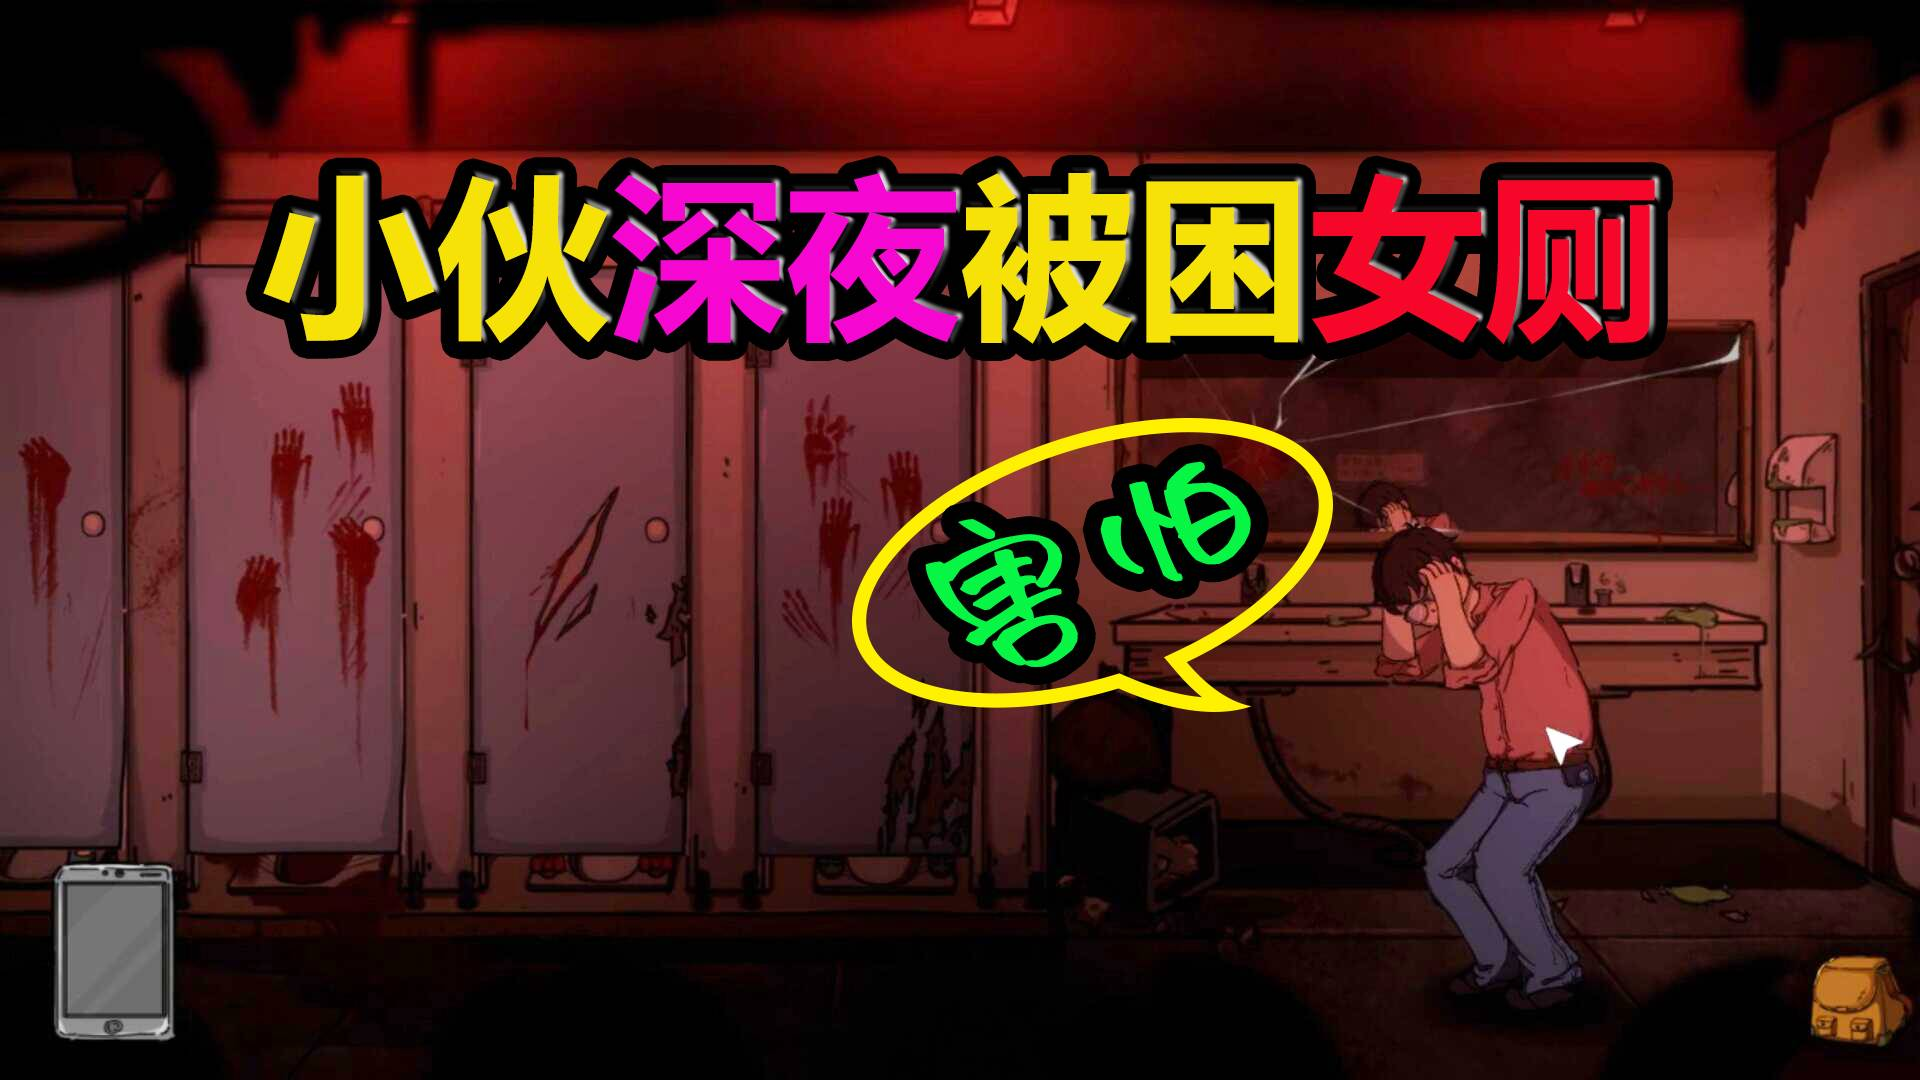 彼岸画廊2:小伙子深夜被困女厕,被吓得抱头痛哭,诡异游戏